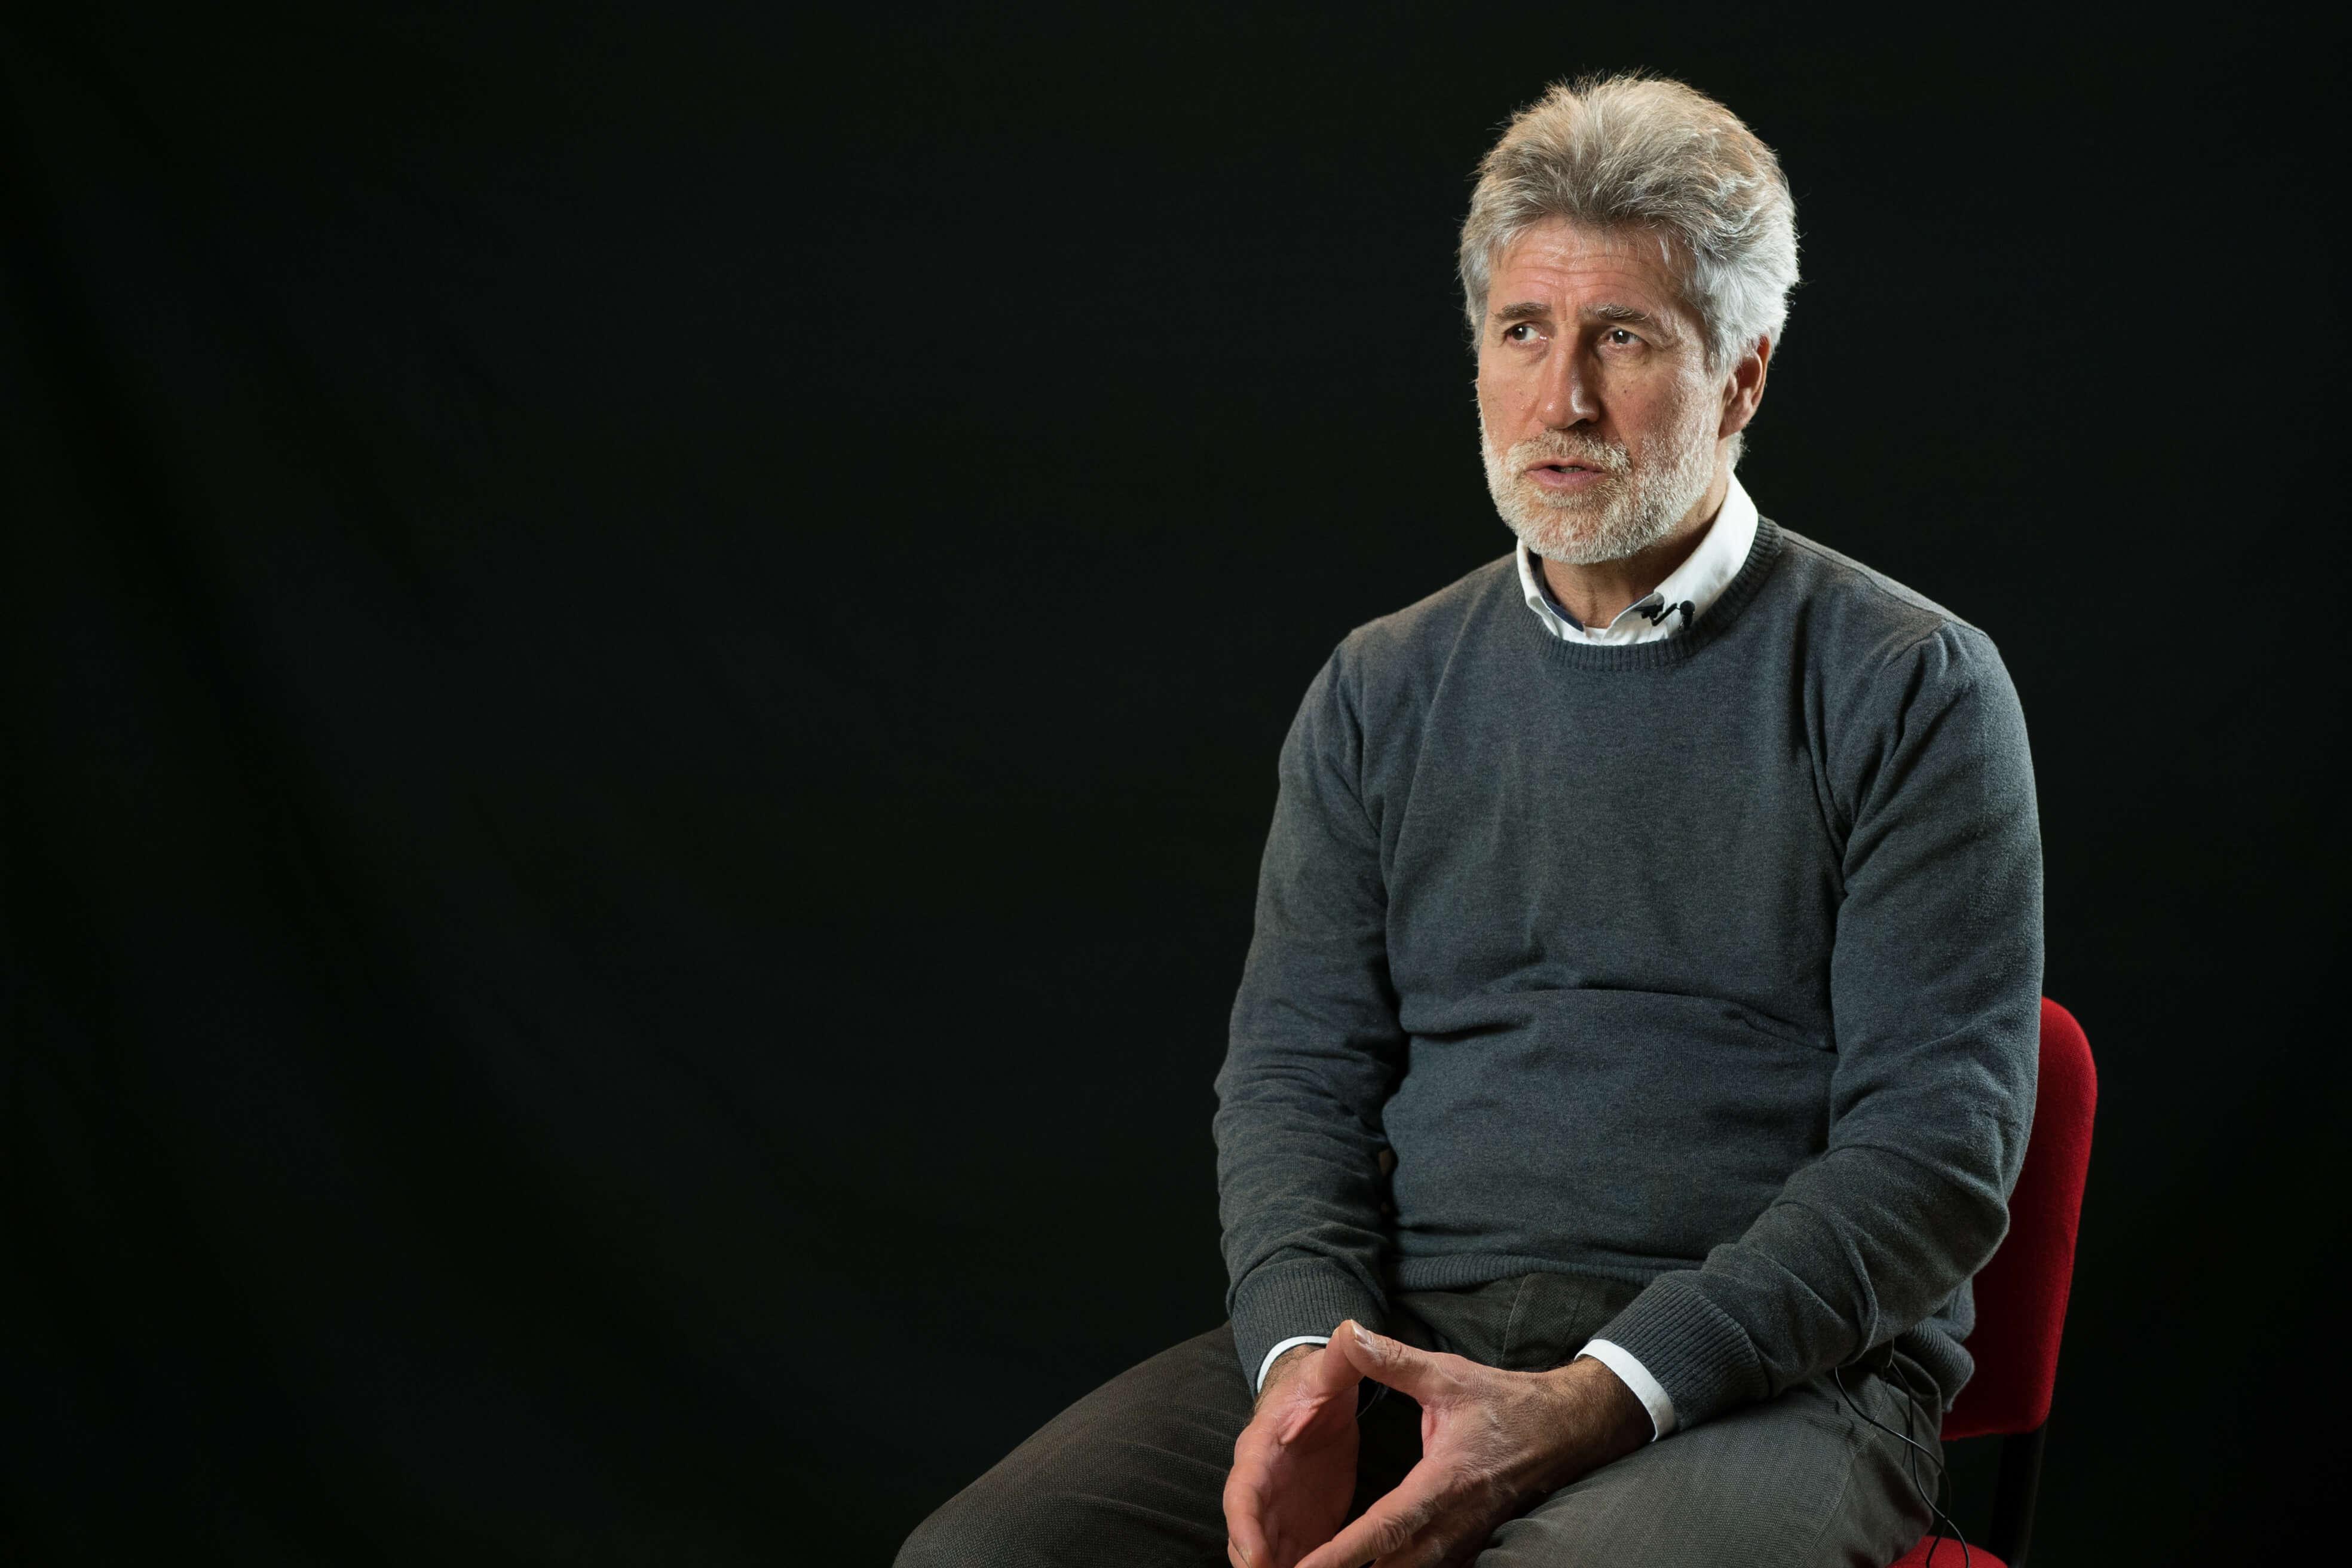 intervista a Alberto Germiniasi per Fare Impresa Comune San Giorgio Bigarello